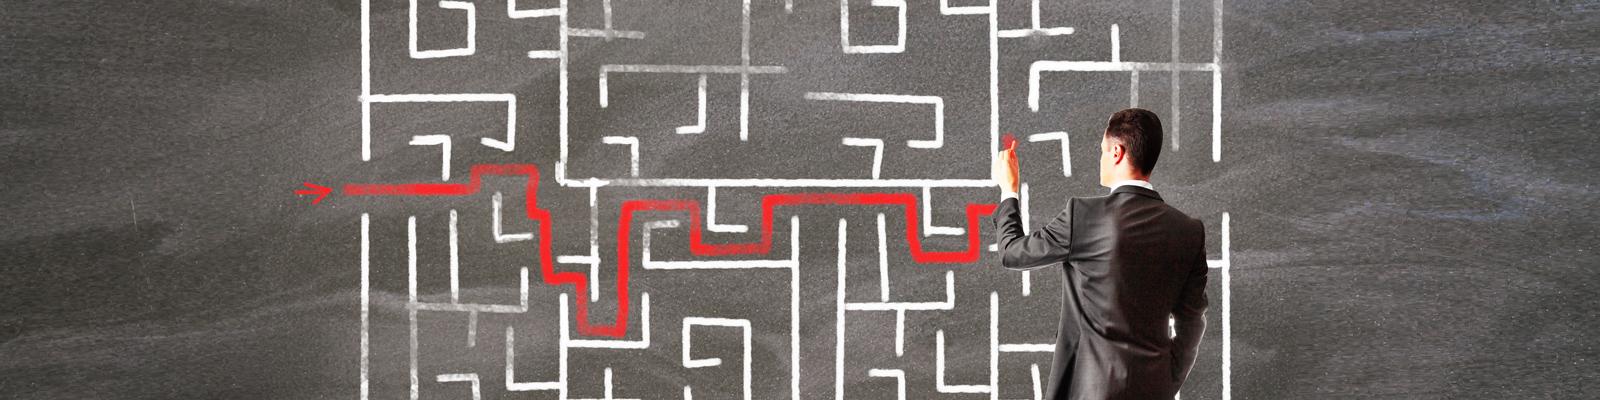 14093bcp电路图